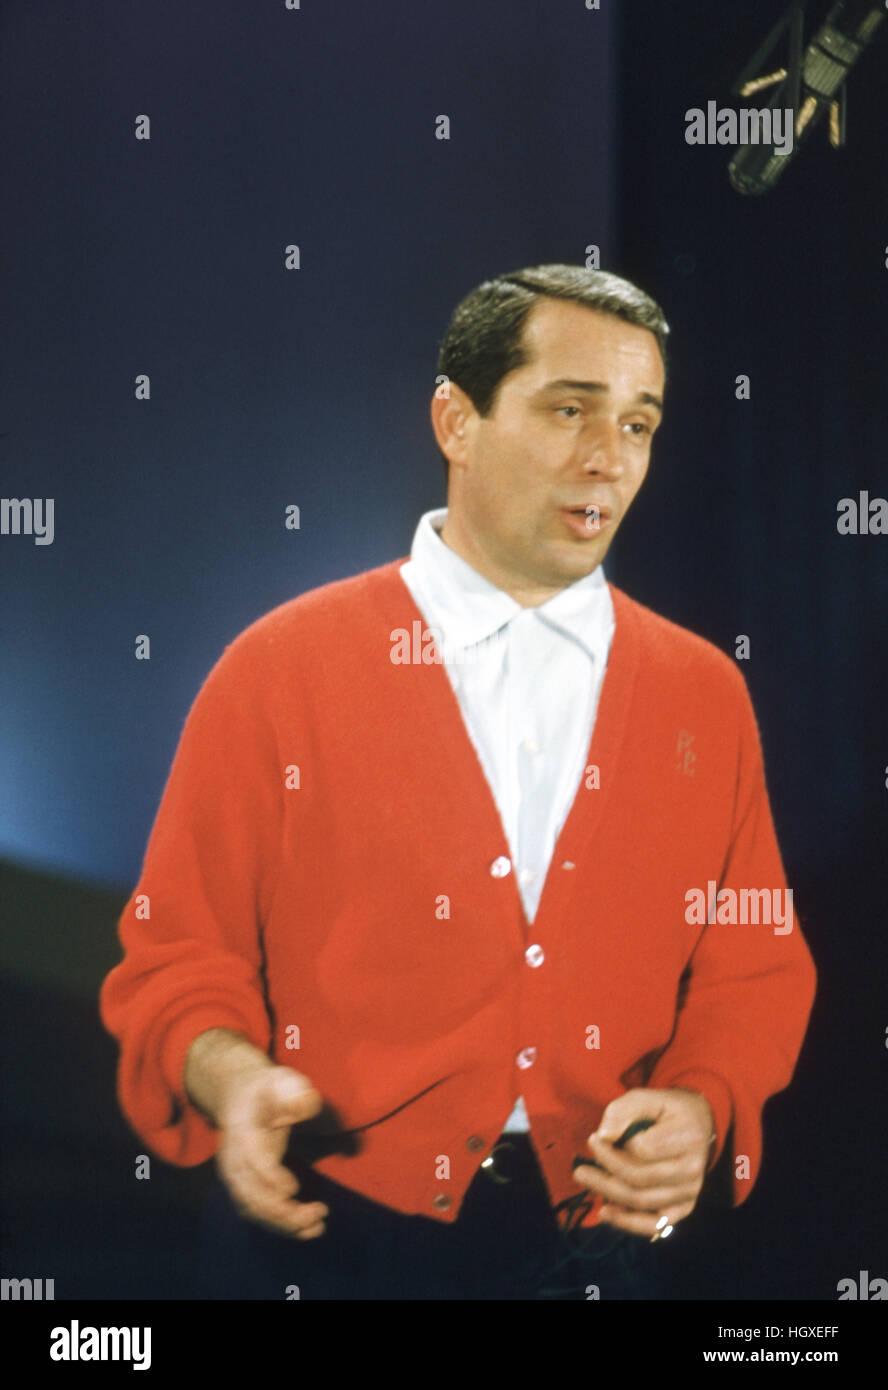 perry como on the perry como show stock image - Perry Como Christmas Show